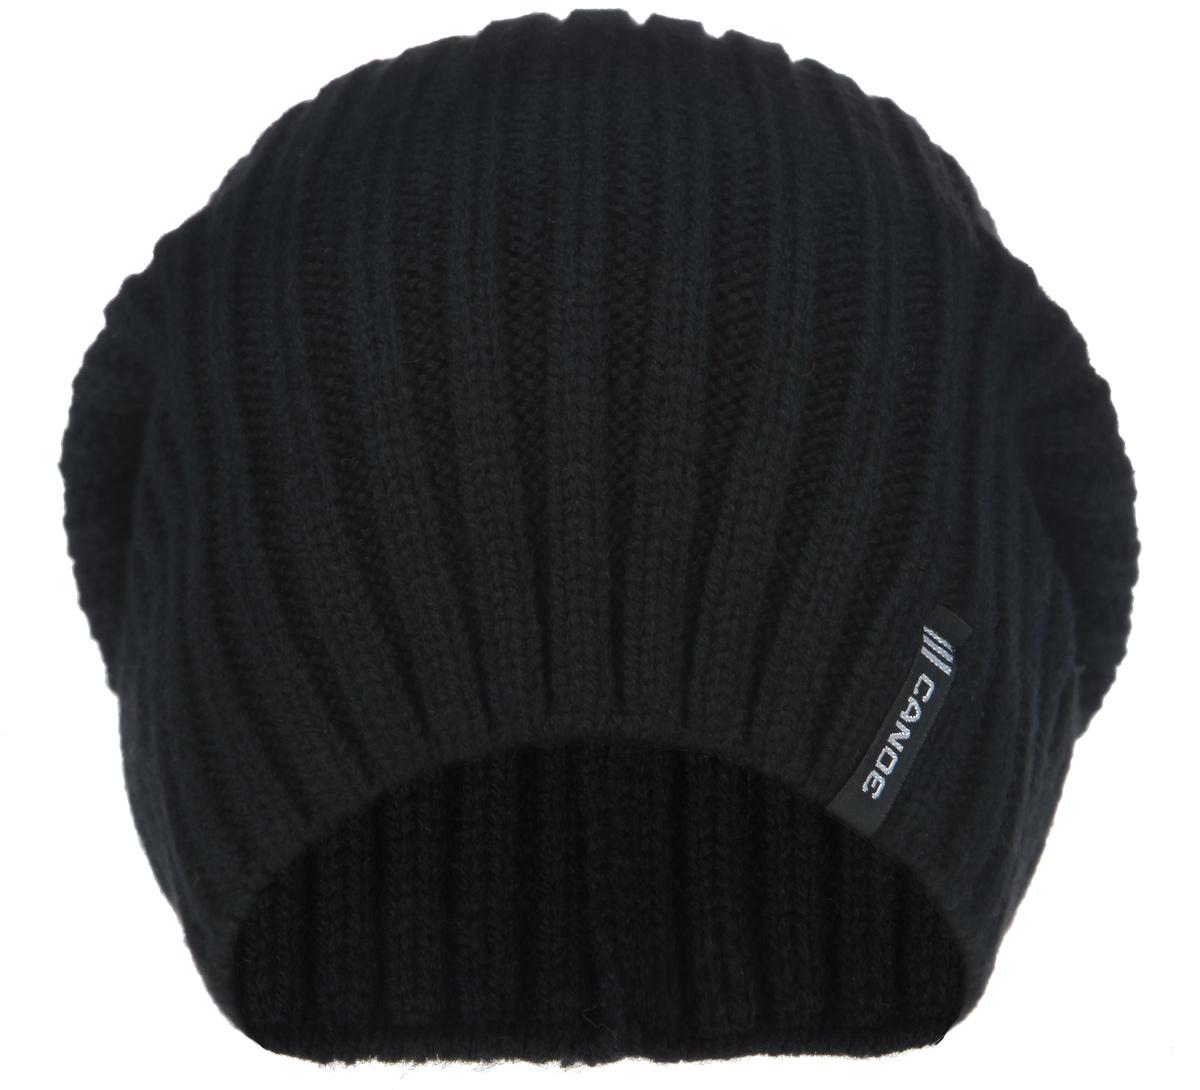 Шапка мужская. Trango3442081Стильная мужская шапка Canoe Trango отлично дополнит ваш образ в холодную погоду. Сочетание шерсти и акрила максимально сохраняет тепло и обеспечивает удобную посадку. Удлиненная шапка имеет специальную вязку ластиком. Такая модель комфортна и приятна на ощупь, она великолепно подчеркнет ваш вкус. Такая шапка станет отличным дополнением к вашему осеннему или зимнему гардеробу, в ней вам будет уютно и тепло!